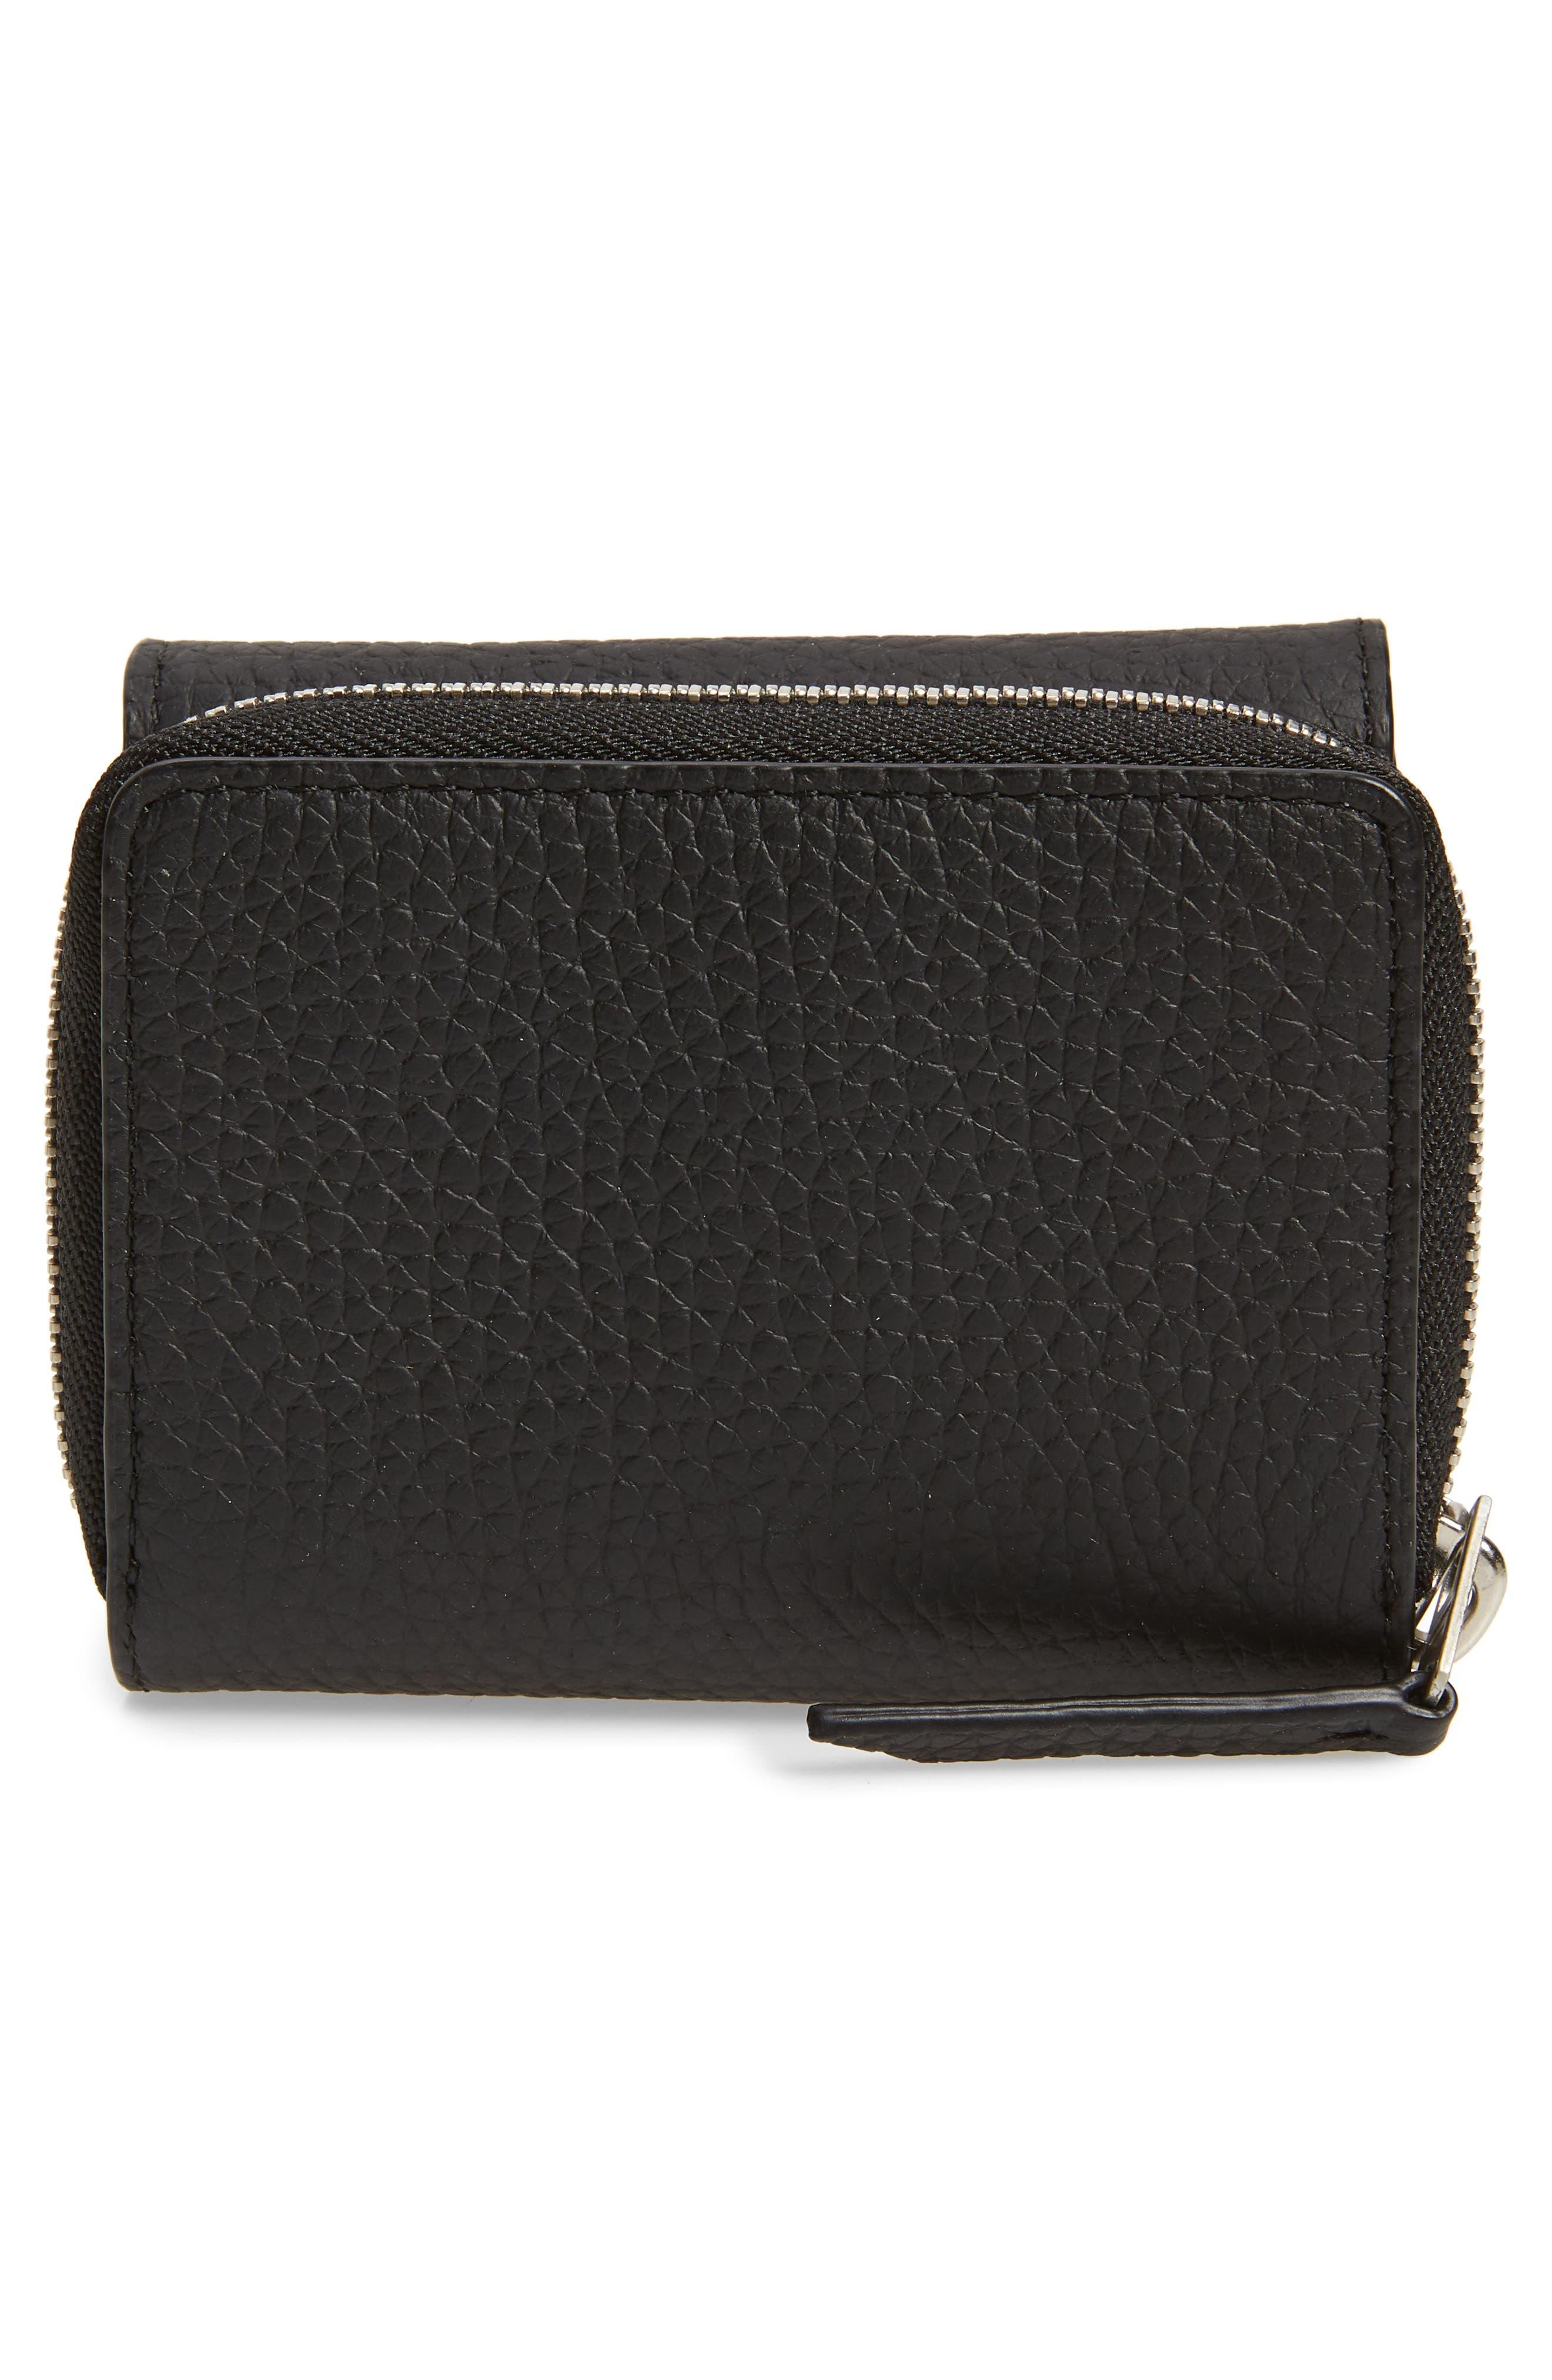 ALLSAINTS, Captain Leather Trifold Wallet, Alternate thumbnail 4, color, BLACK